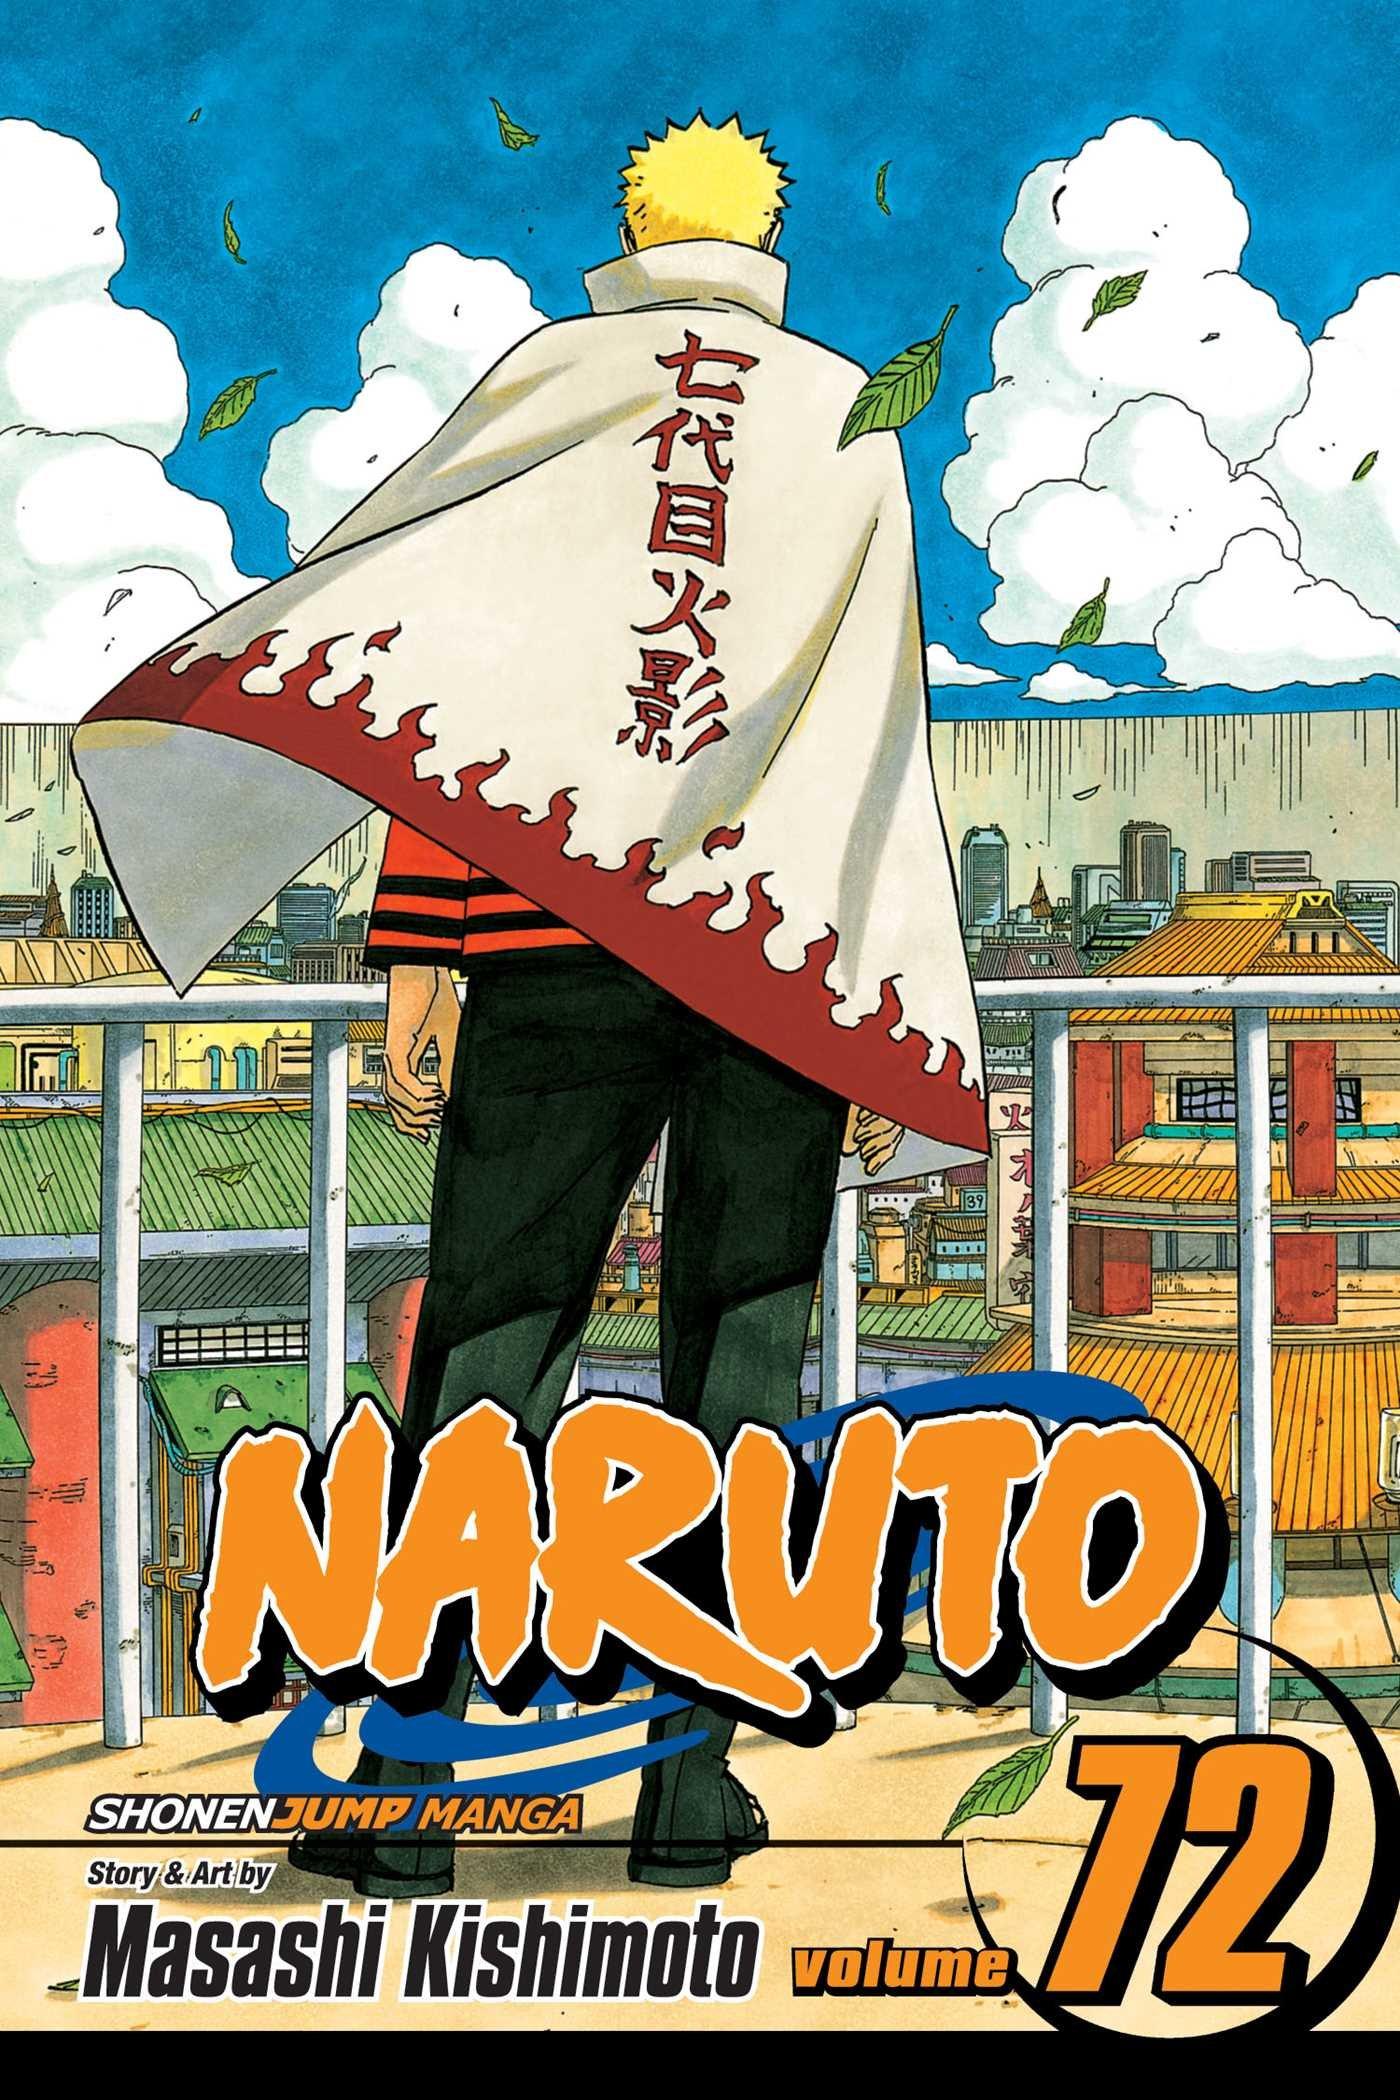 Naruto Shippuden Book